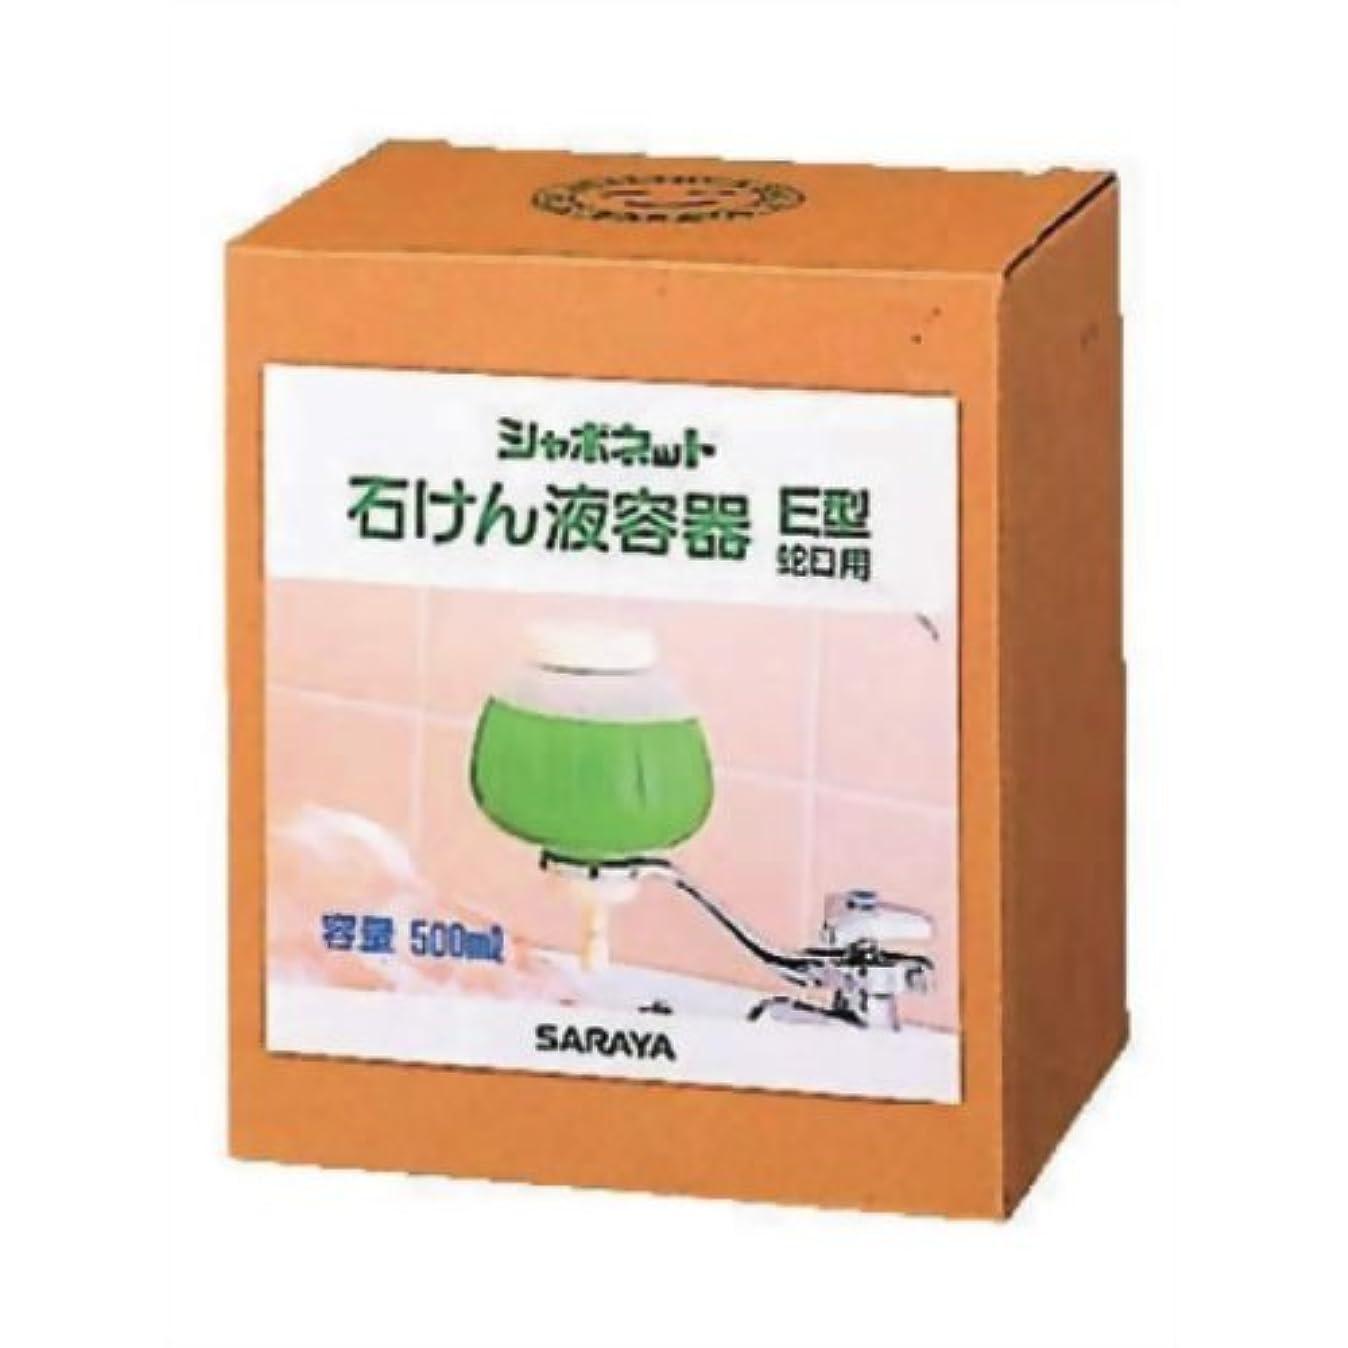 事実時間とともにであるシャボネット石鹸液容器 500mLE型蛇口用 21450/63828559 サラヤ